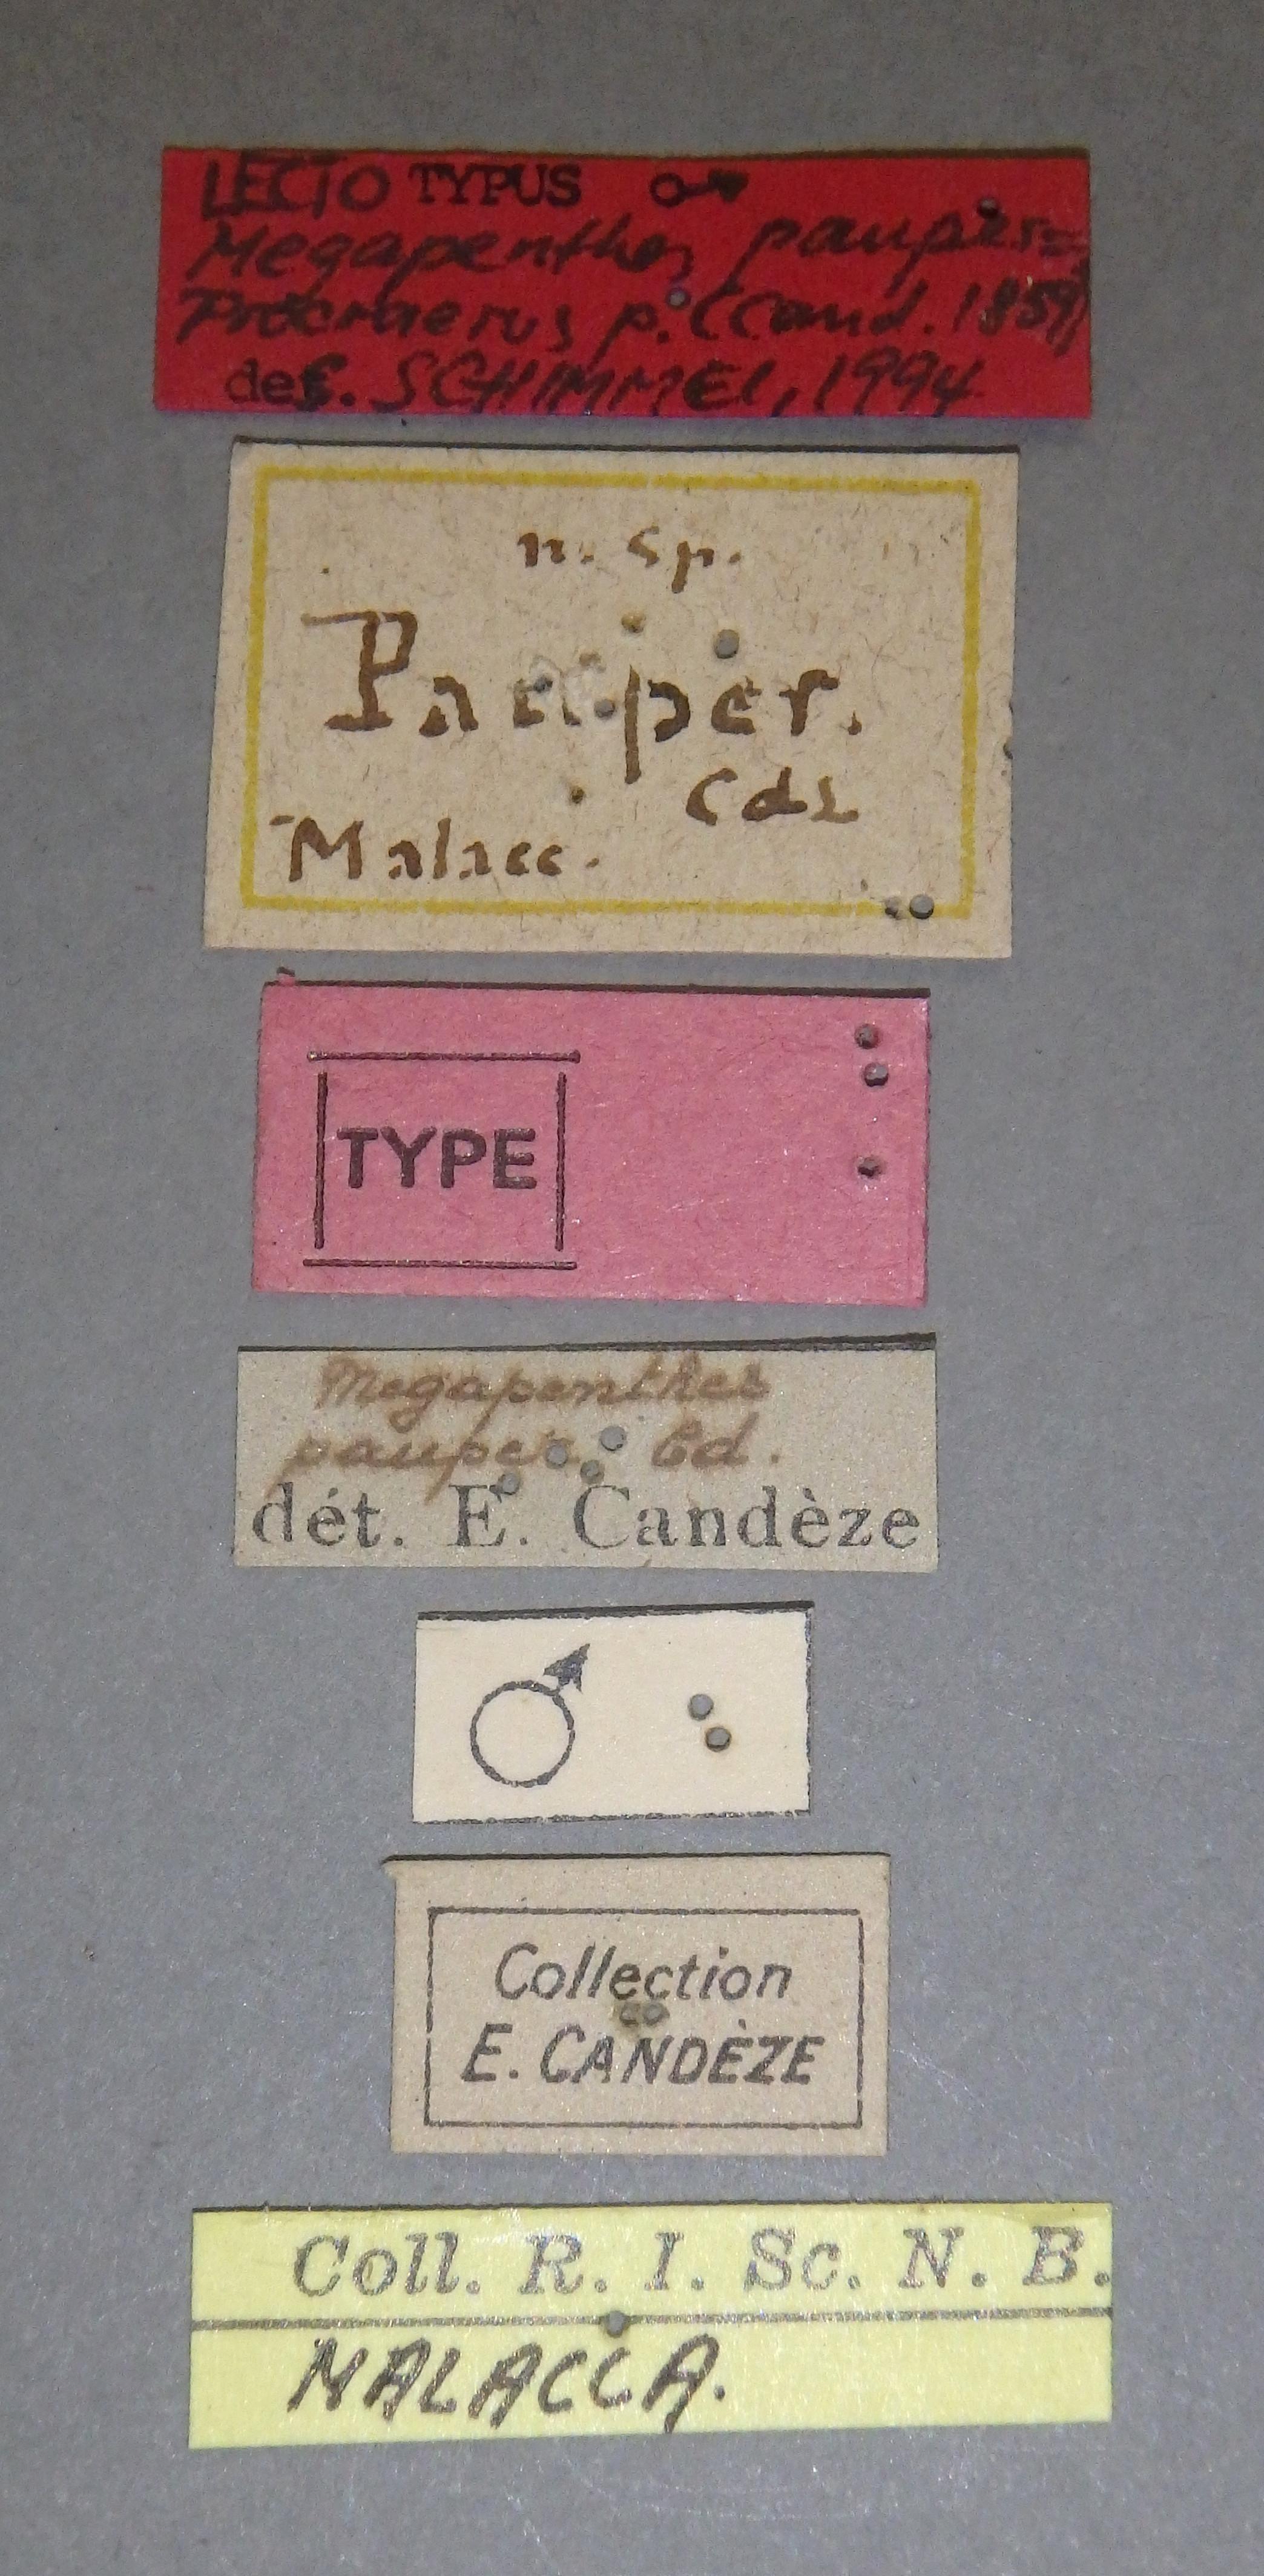 Megapenthes pauper lt M Lb.JPG